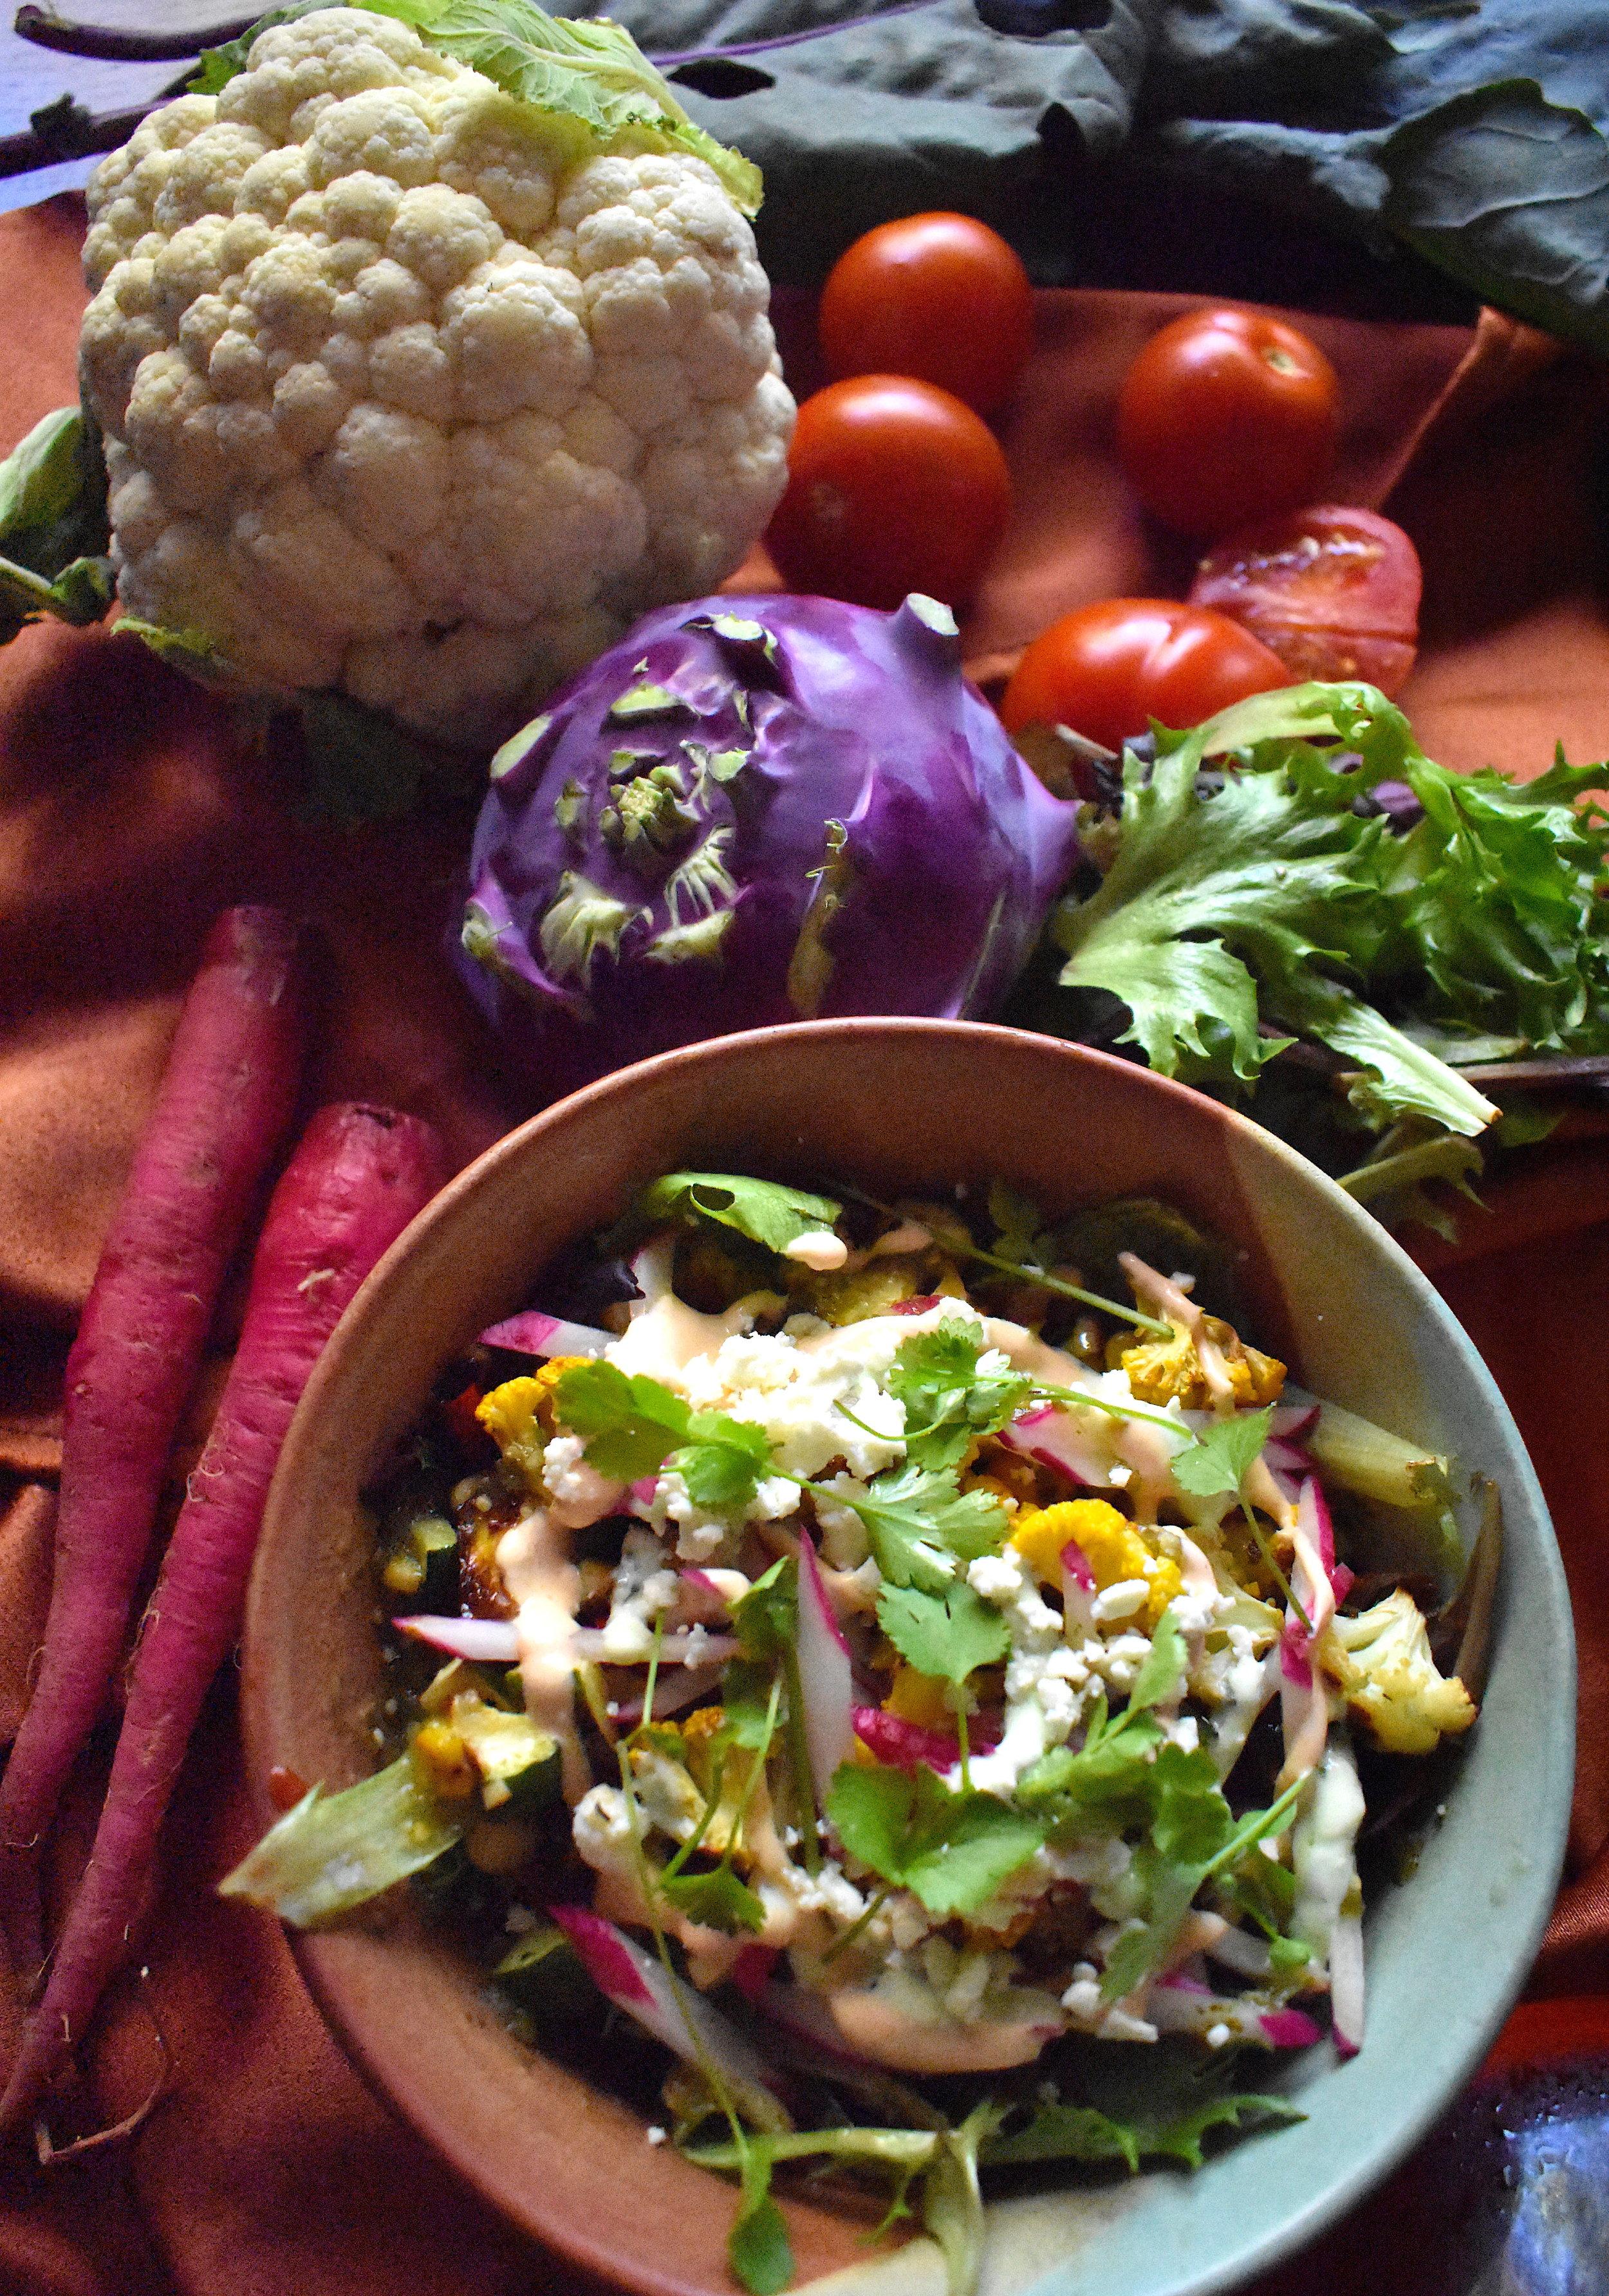 Bowl With Ingredients.JPG